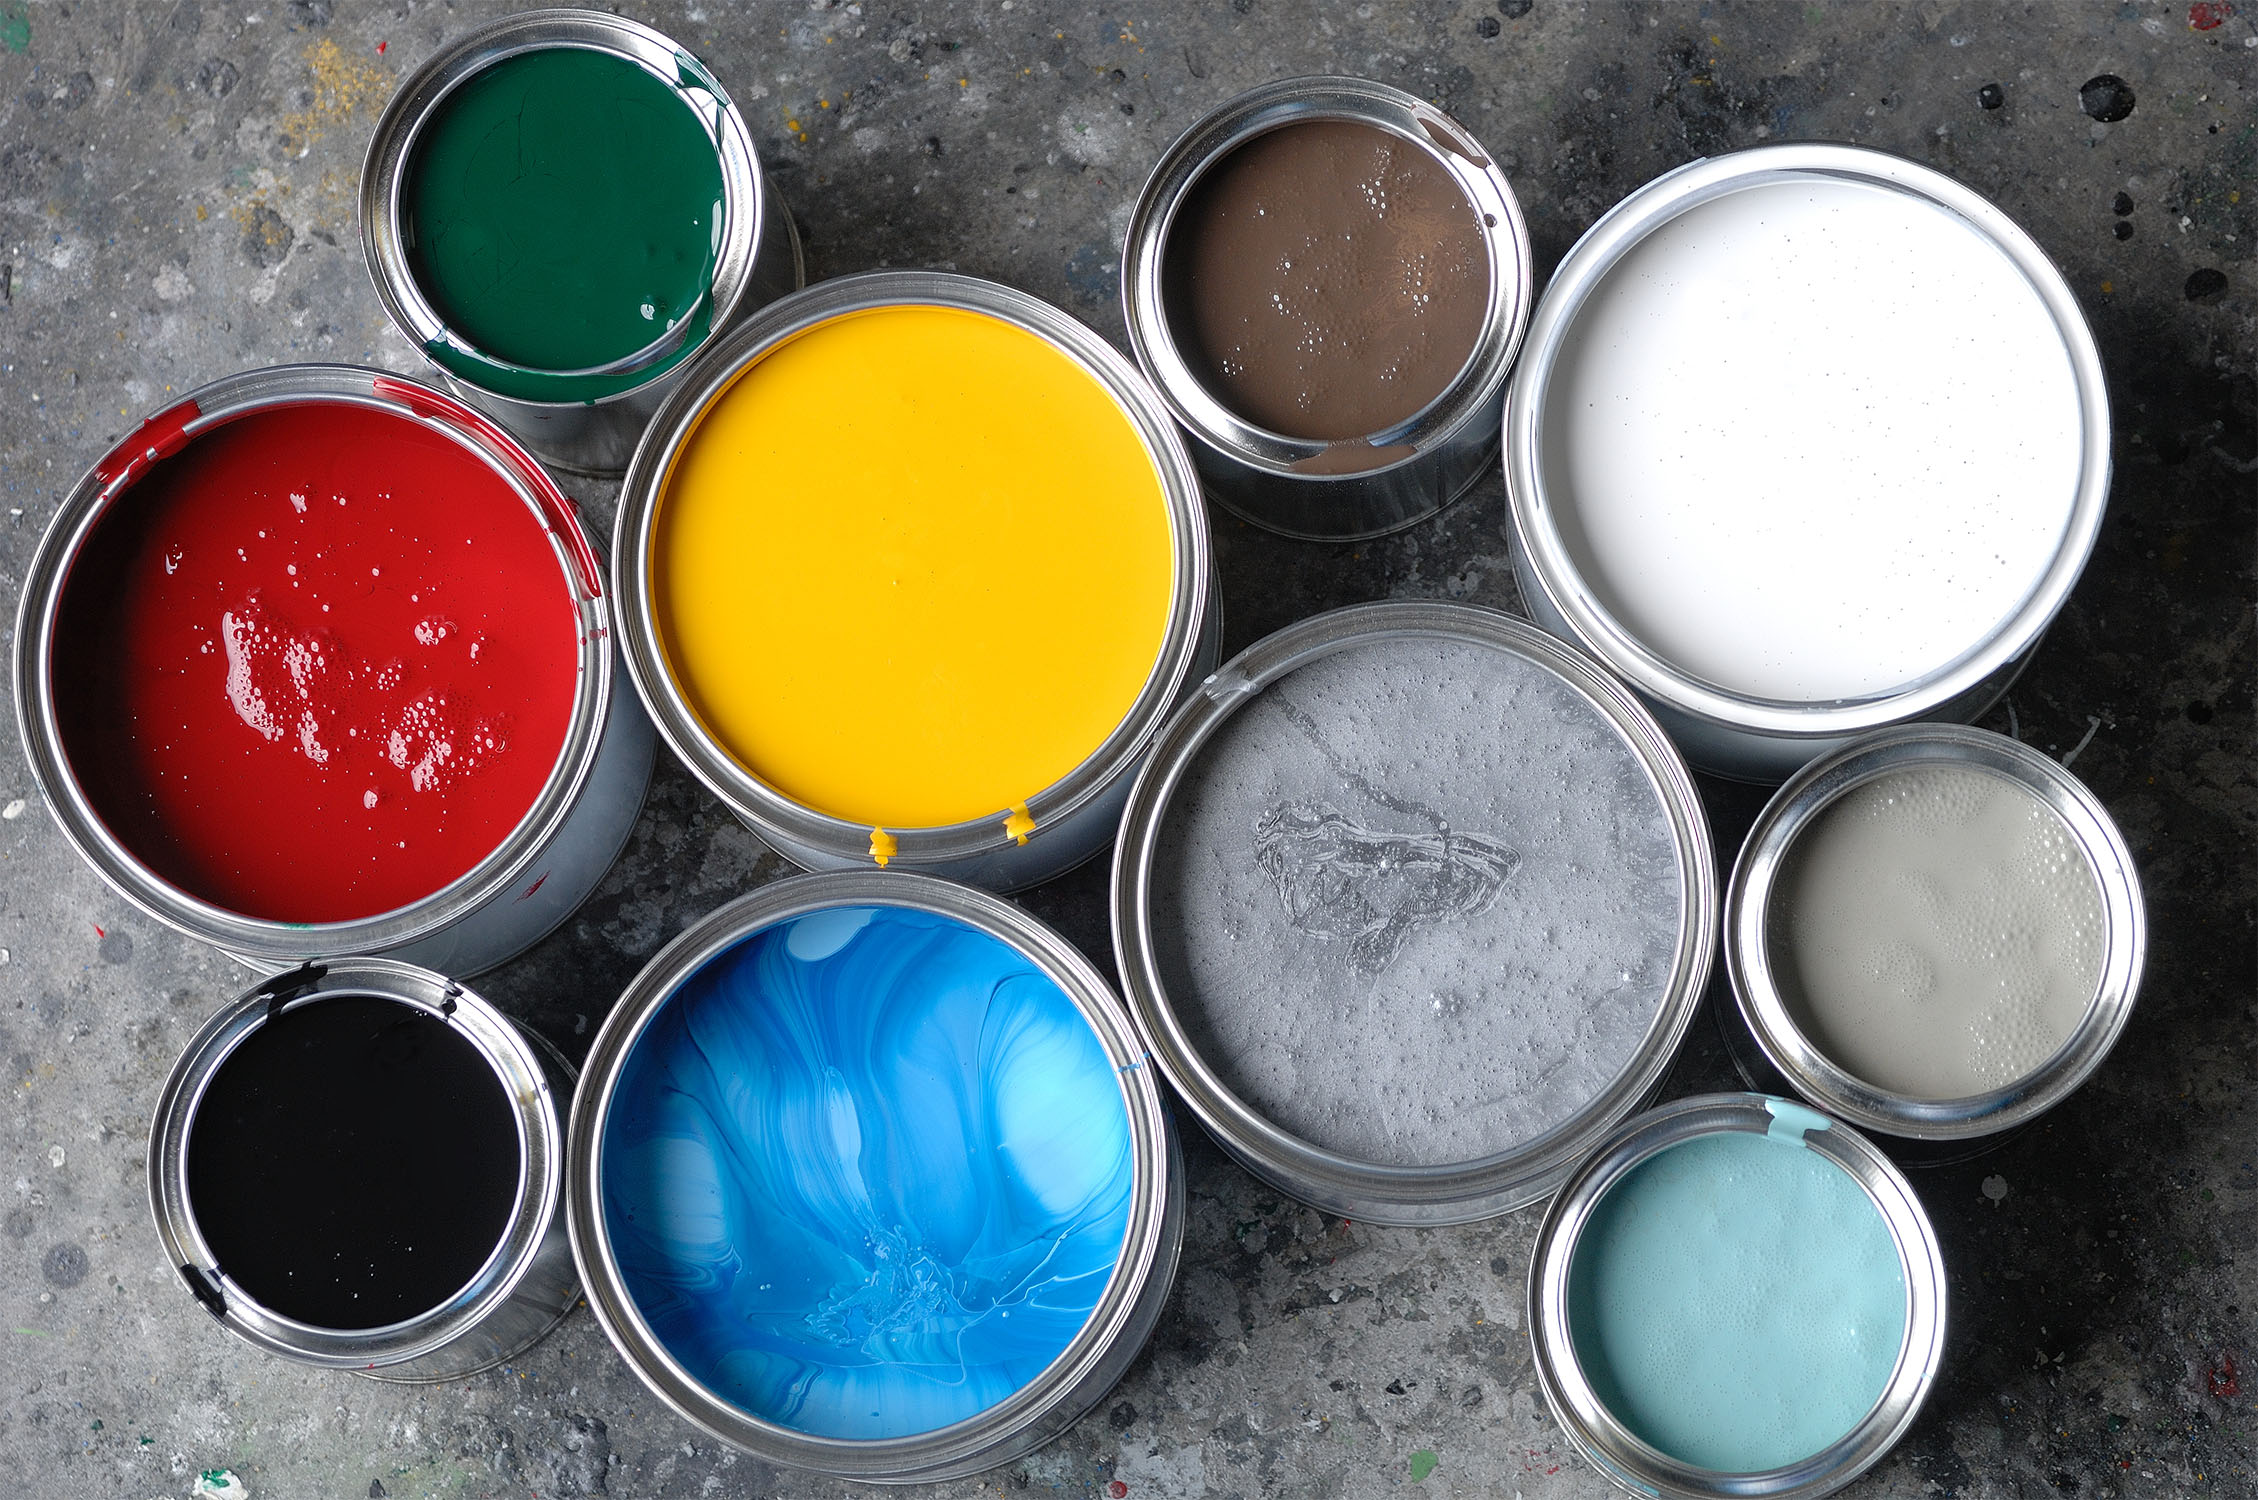 Alle Farbsorten sind gewissermaßen atmungsaktiv, doch die Unterschiede sind groß.